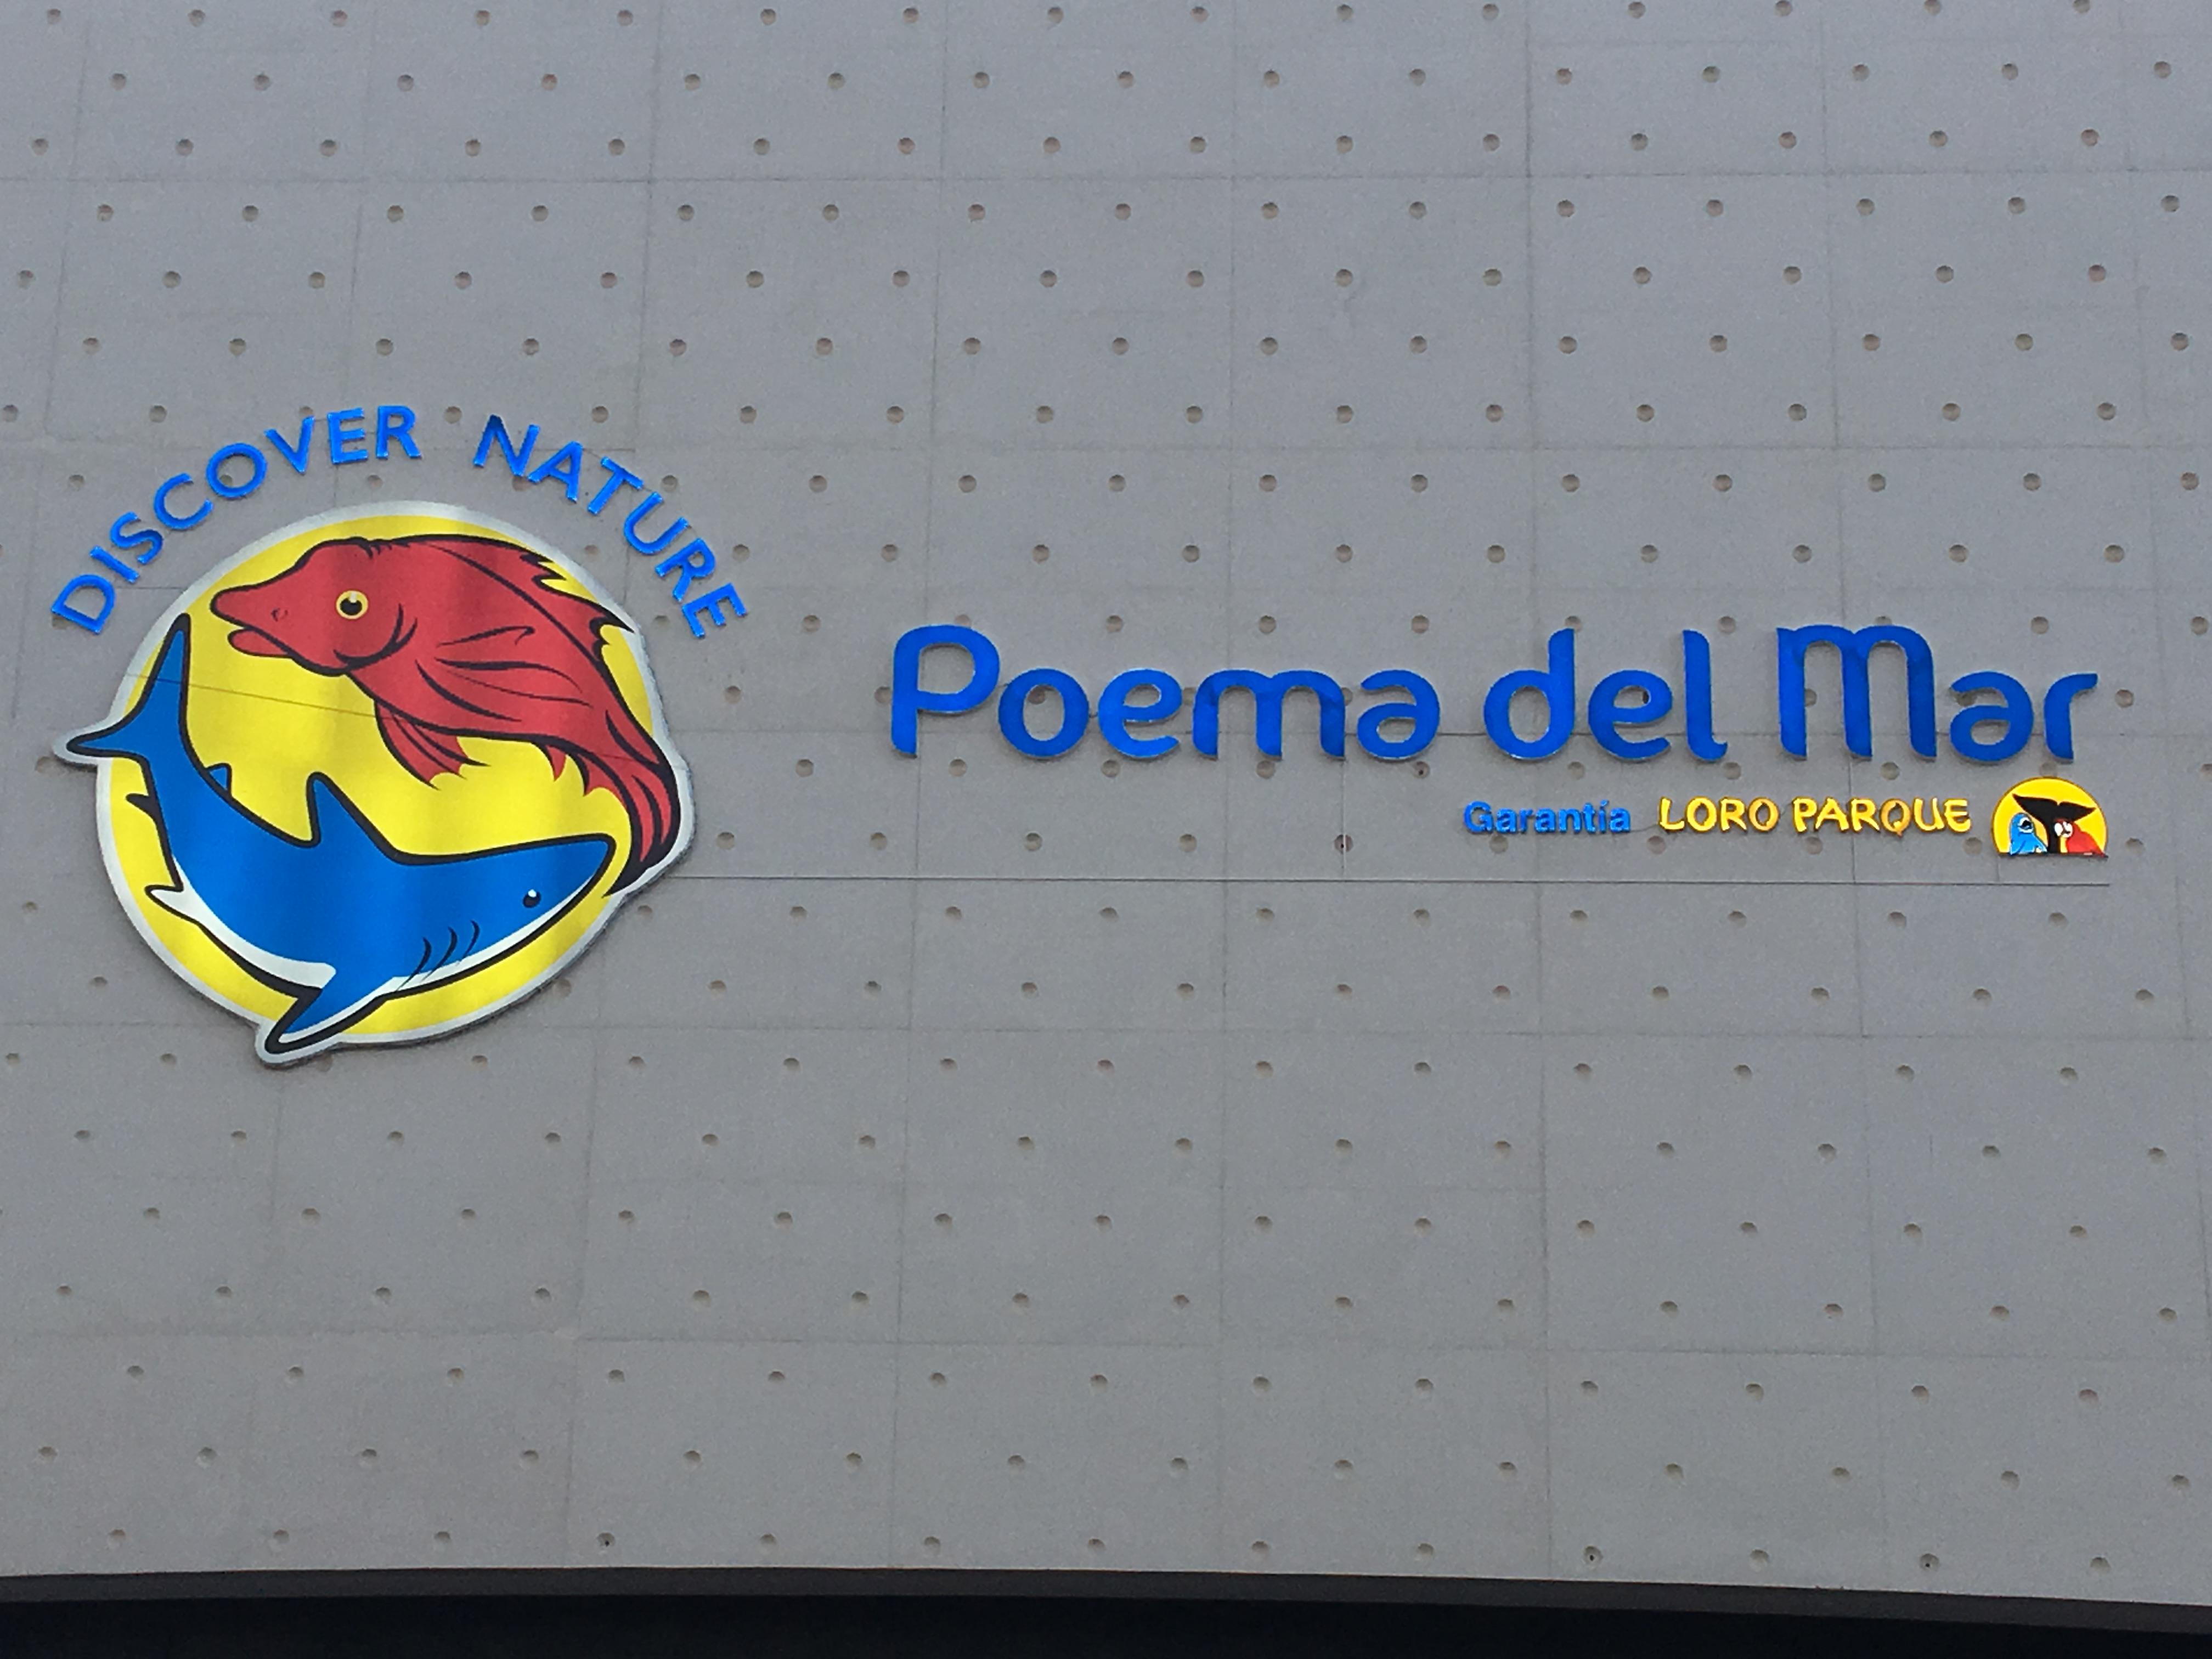 Fachada del gran acuario Poema Del Mar, en Las palmas de Gran canaria